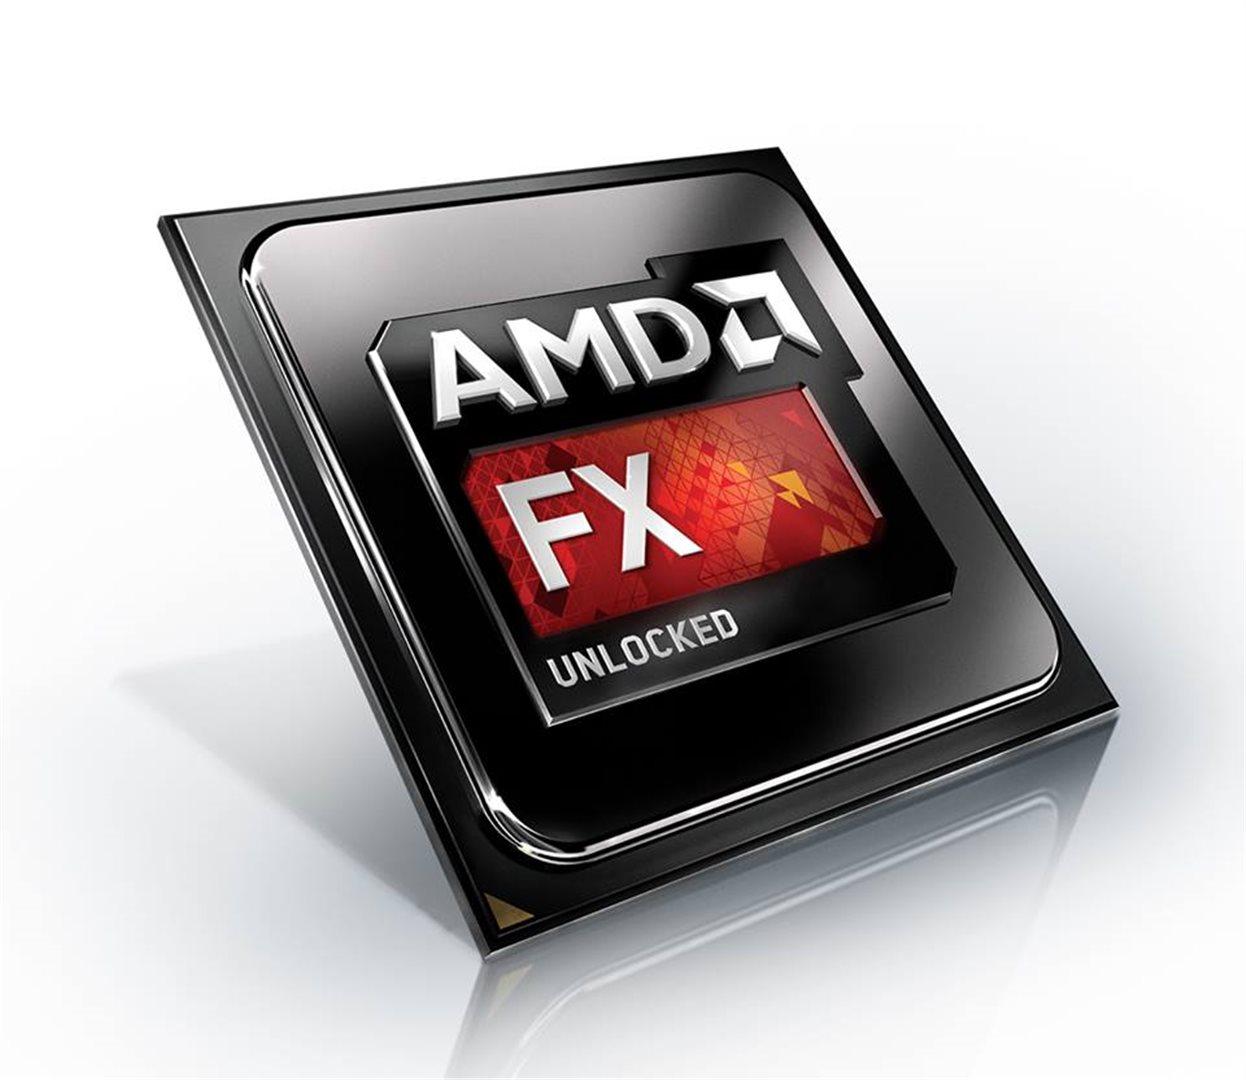 AMD FX-6350, Hexa Core, 3.90GHz, 6MB, AM3+, 32nm, 125W, BOX, AMD Wraith Cooler